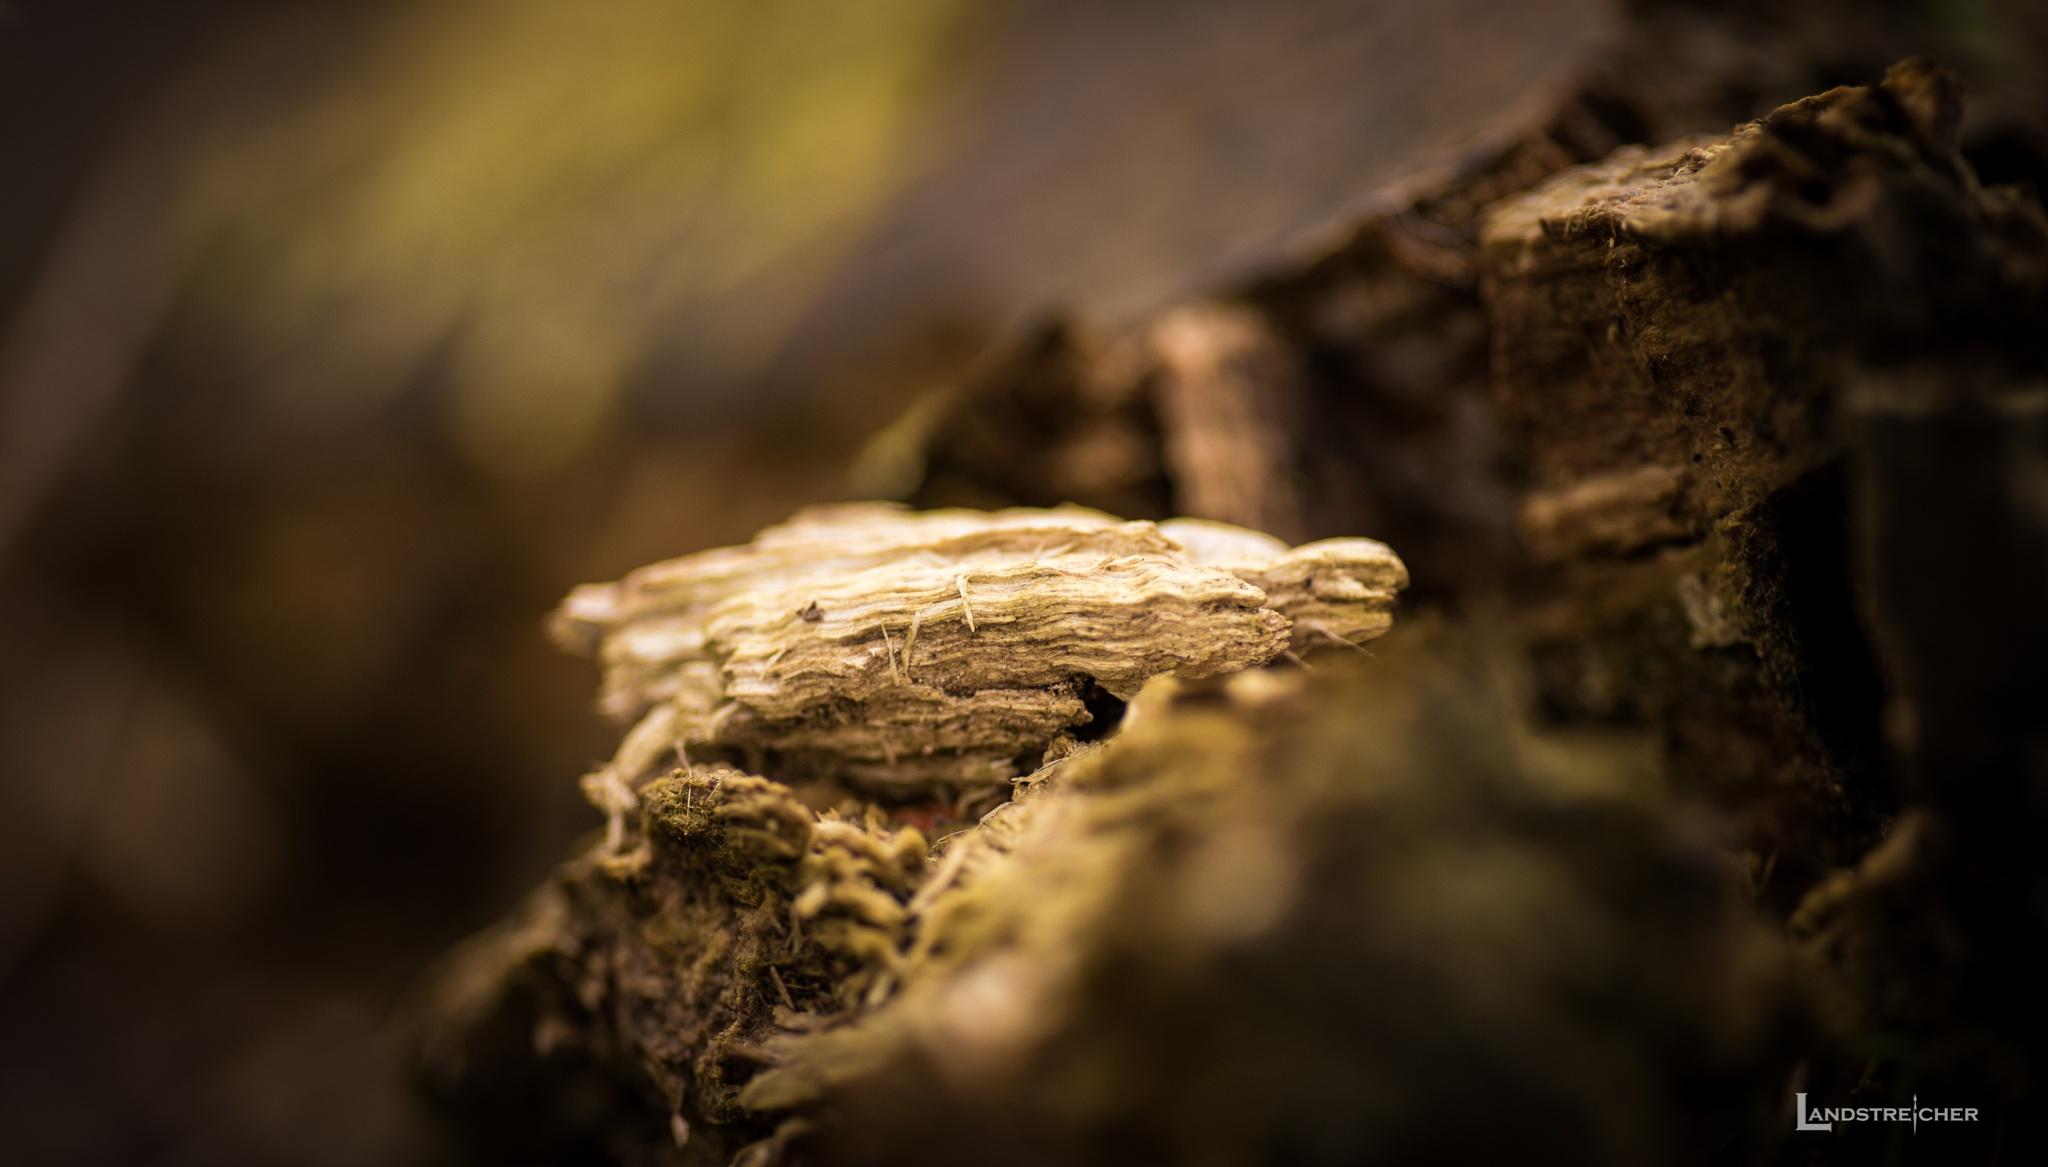 Forest Walk by Landstreicher